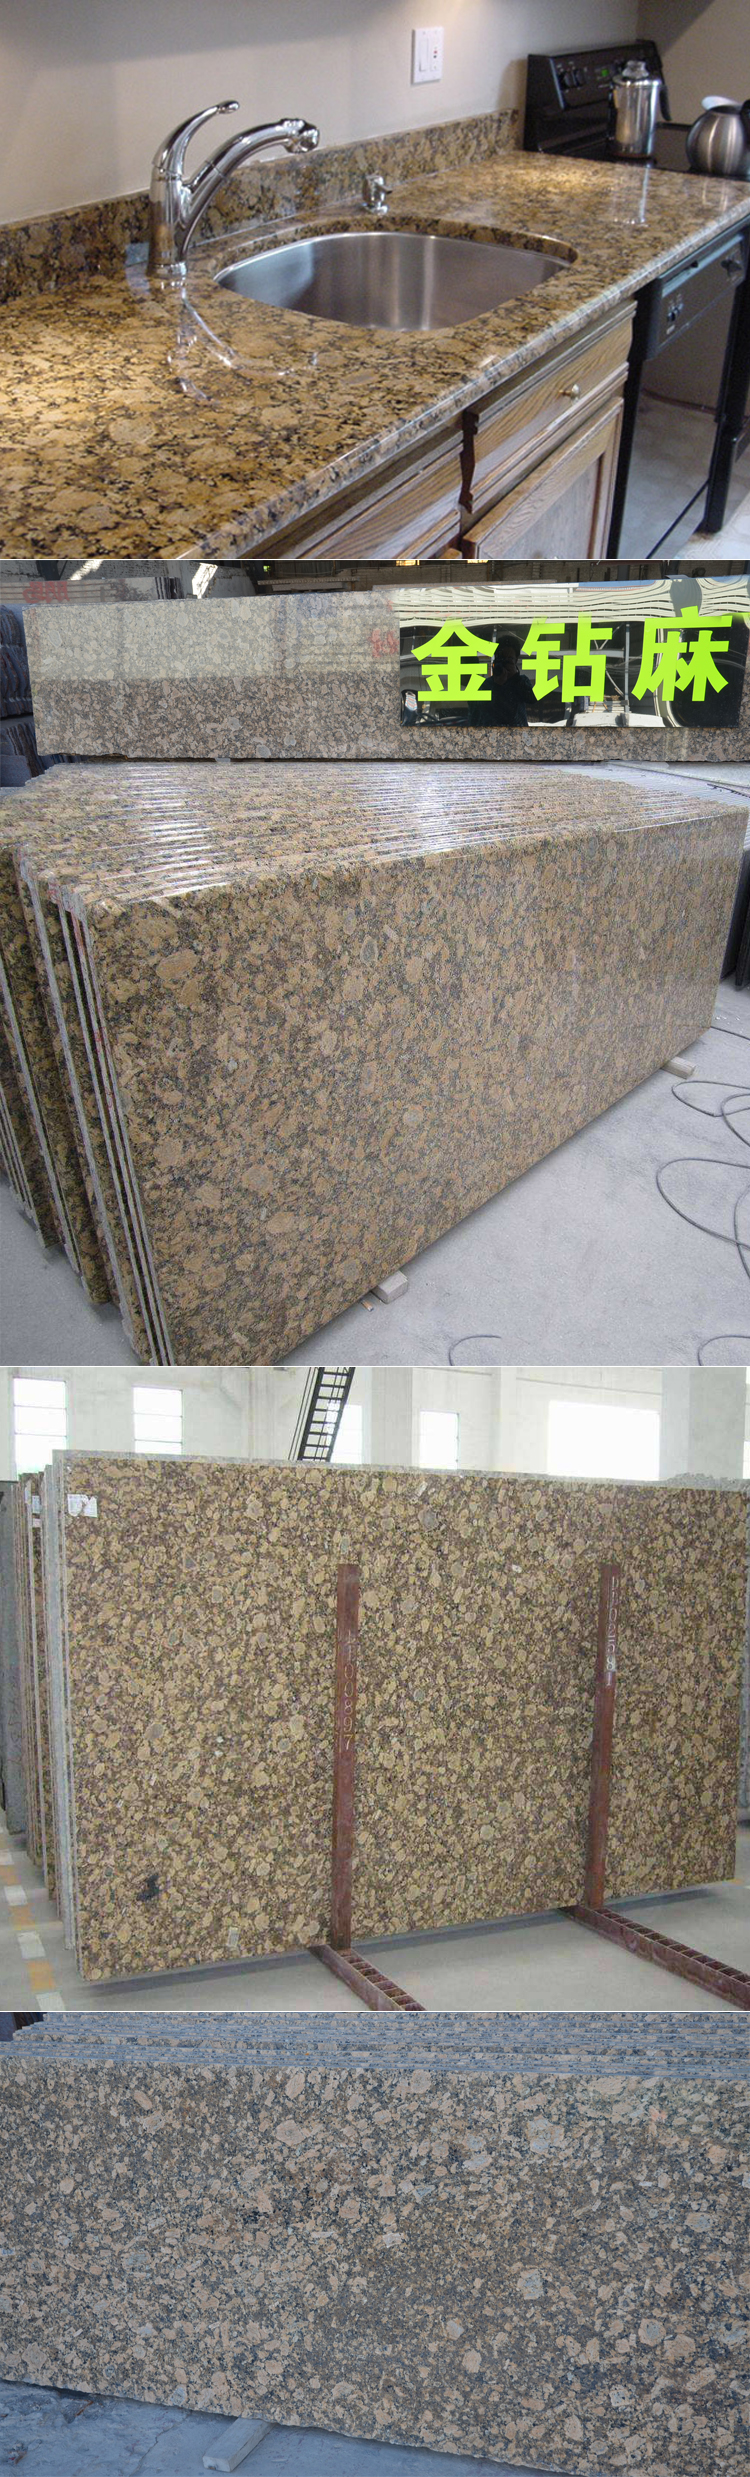 hc026 brazilian granite tamilnadu colors lowes granite countertops colors